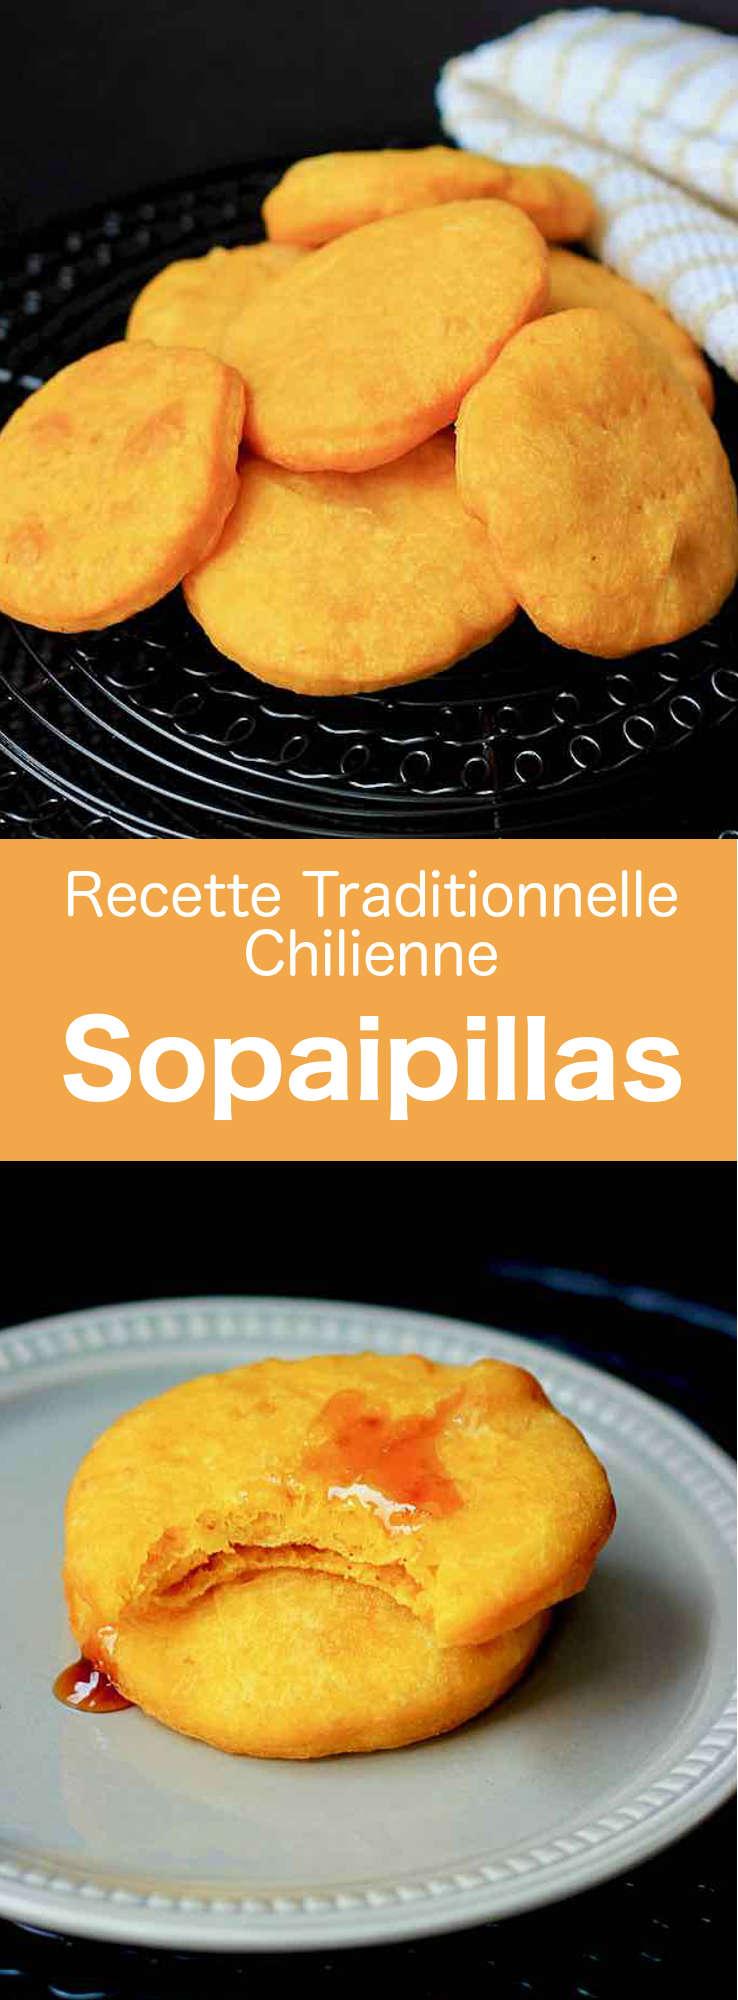 Les sopaipillas (sopapillas, sopaipas ou encore cachangas), sont des tortillas de farine de blé à base de potiron, frites dans de l'huile ou du beurre. #Chili #RecetteChilienne #CuisineChilienne #CuisineDuMonde #196flavors